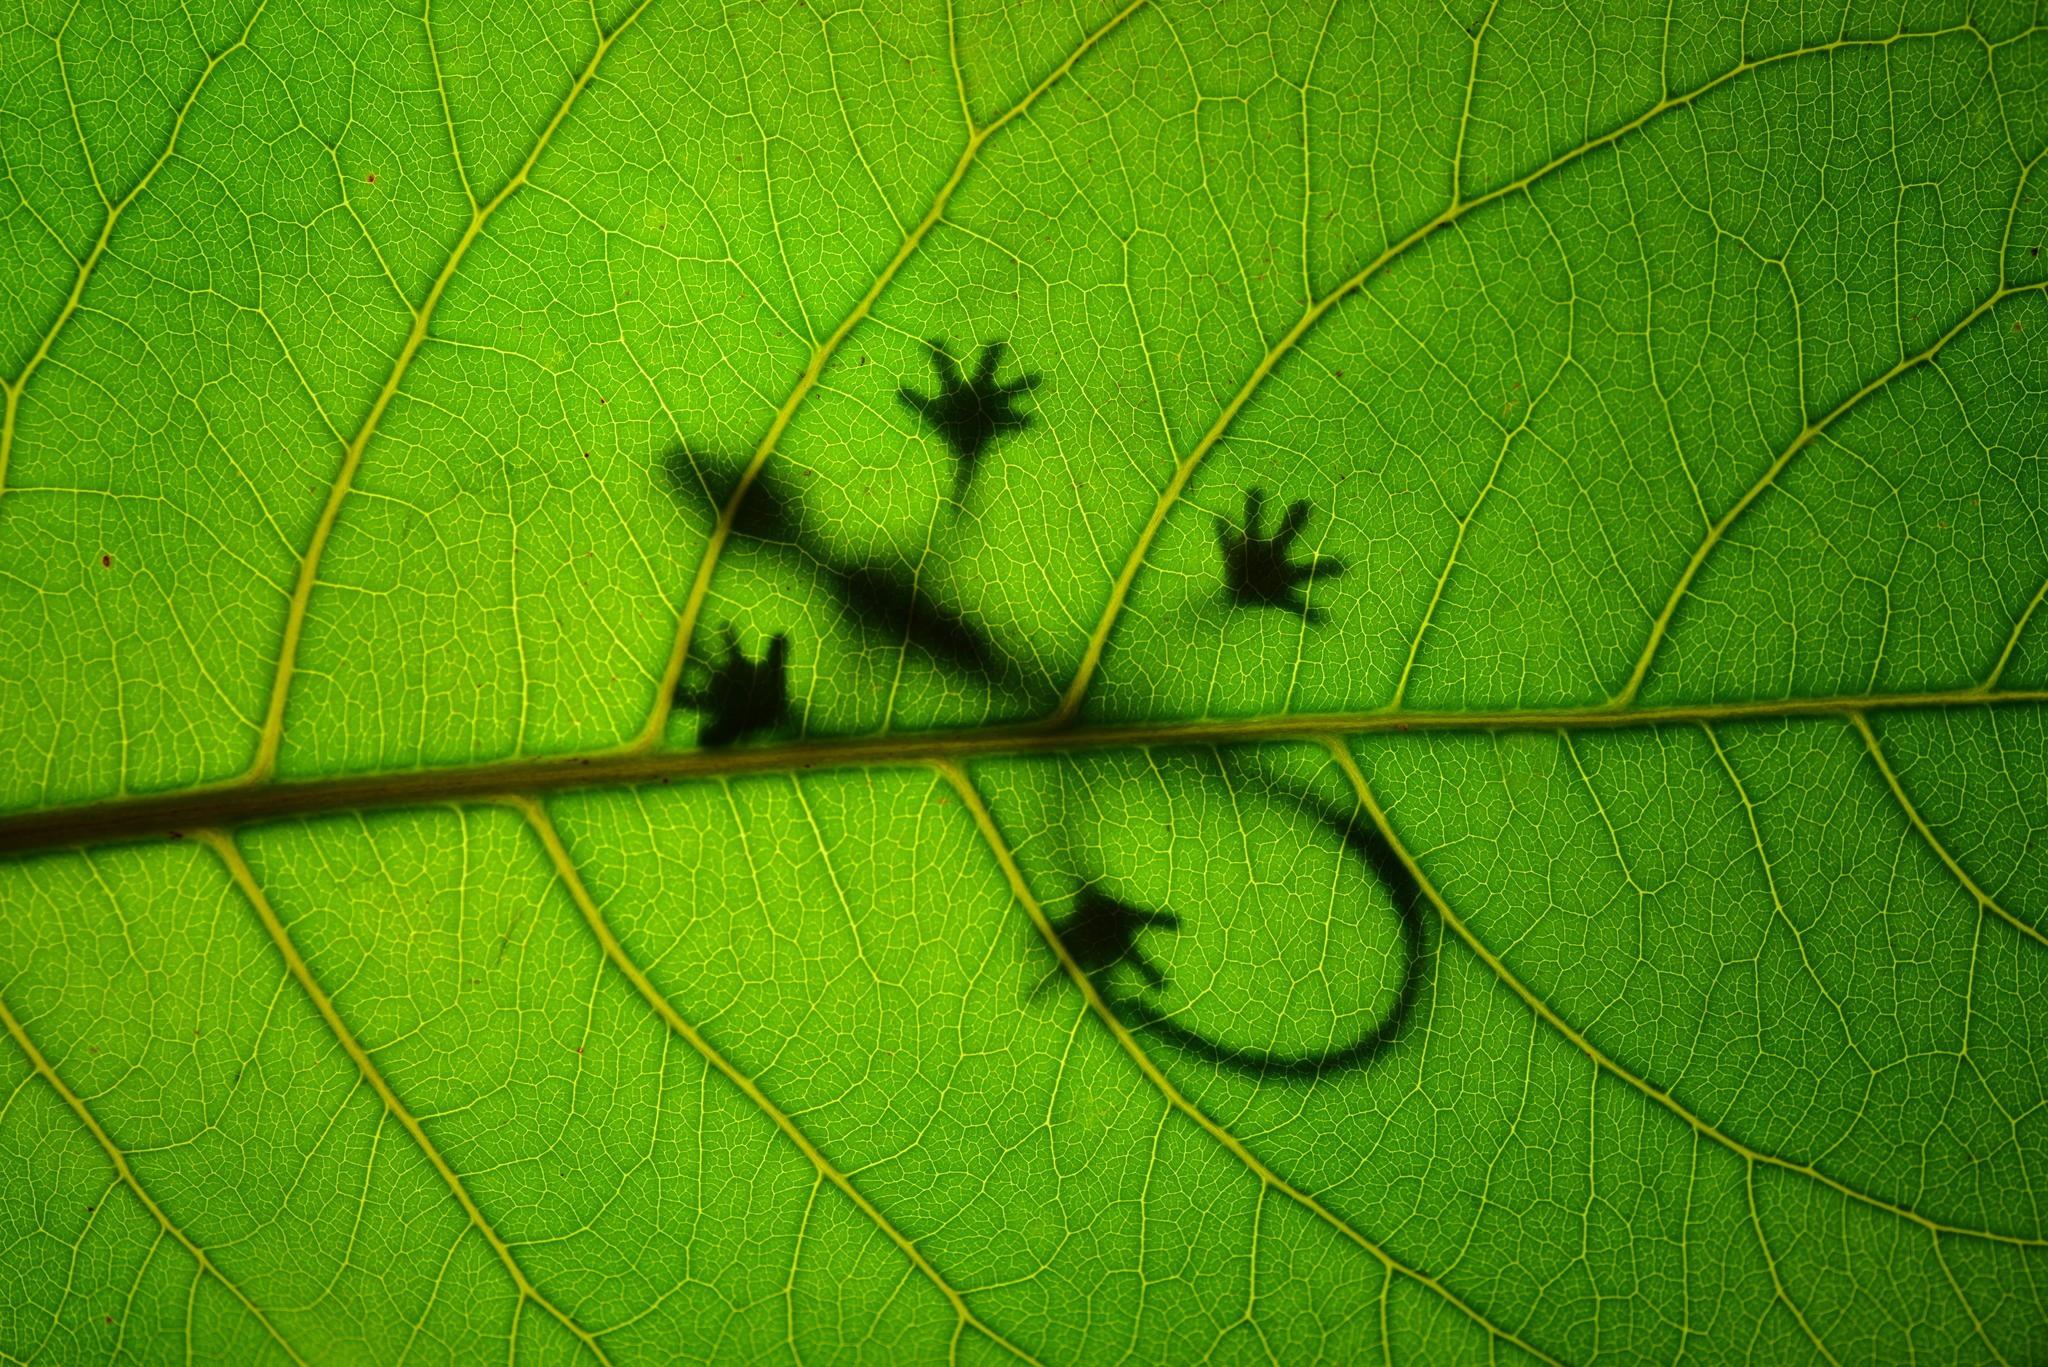 Зеленая ящерица в листьях скачать